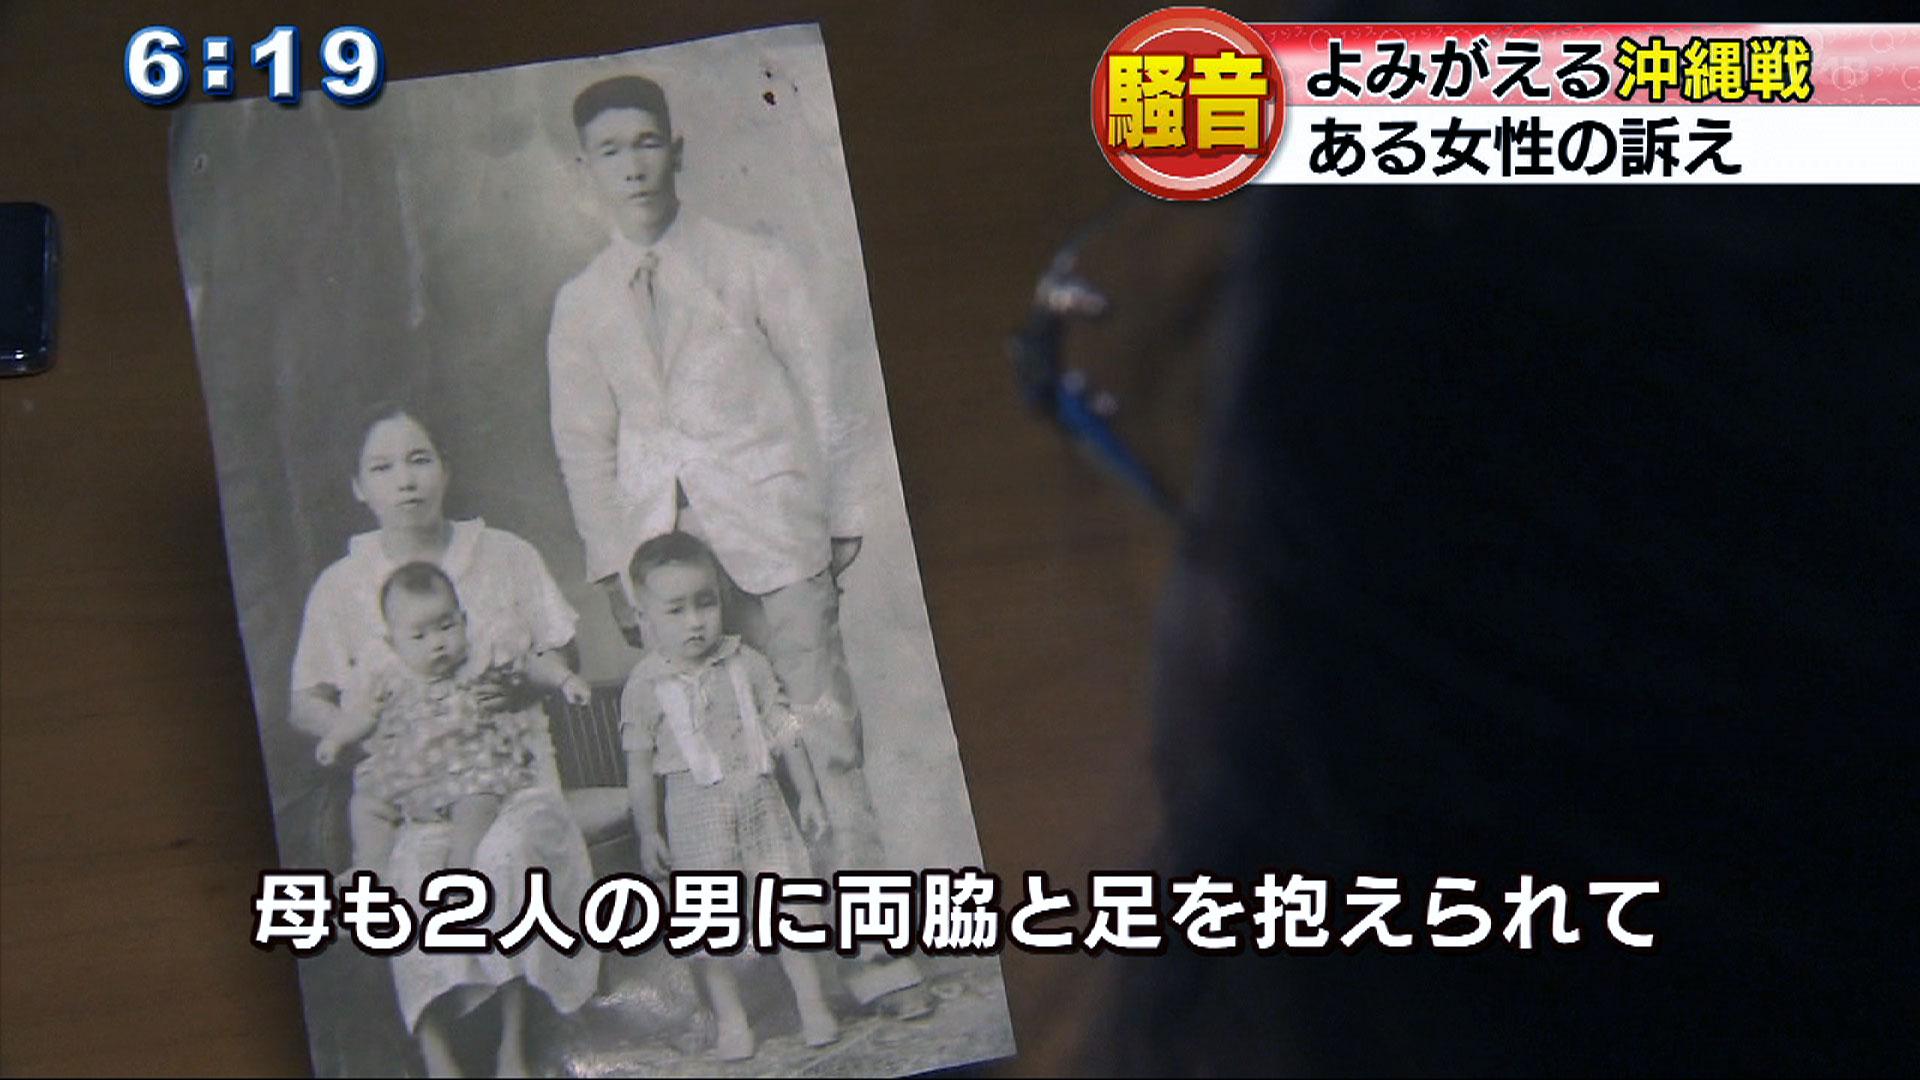 ある女性の訴え 騒音 よみがえる沖縄戦の記憶